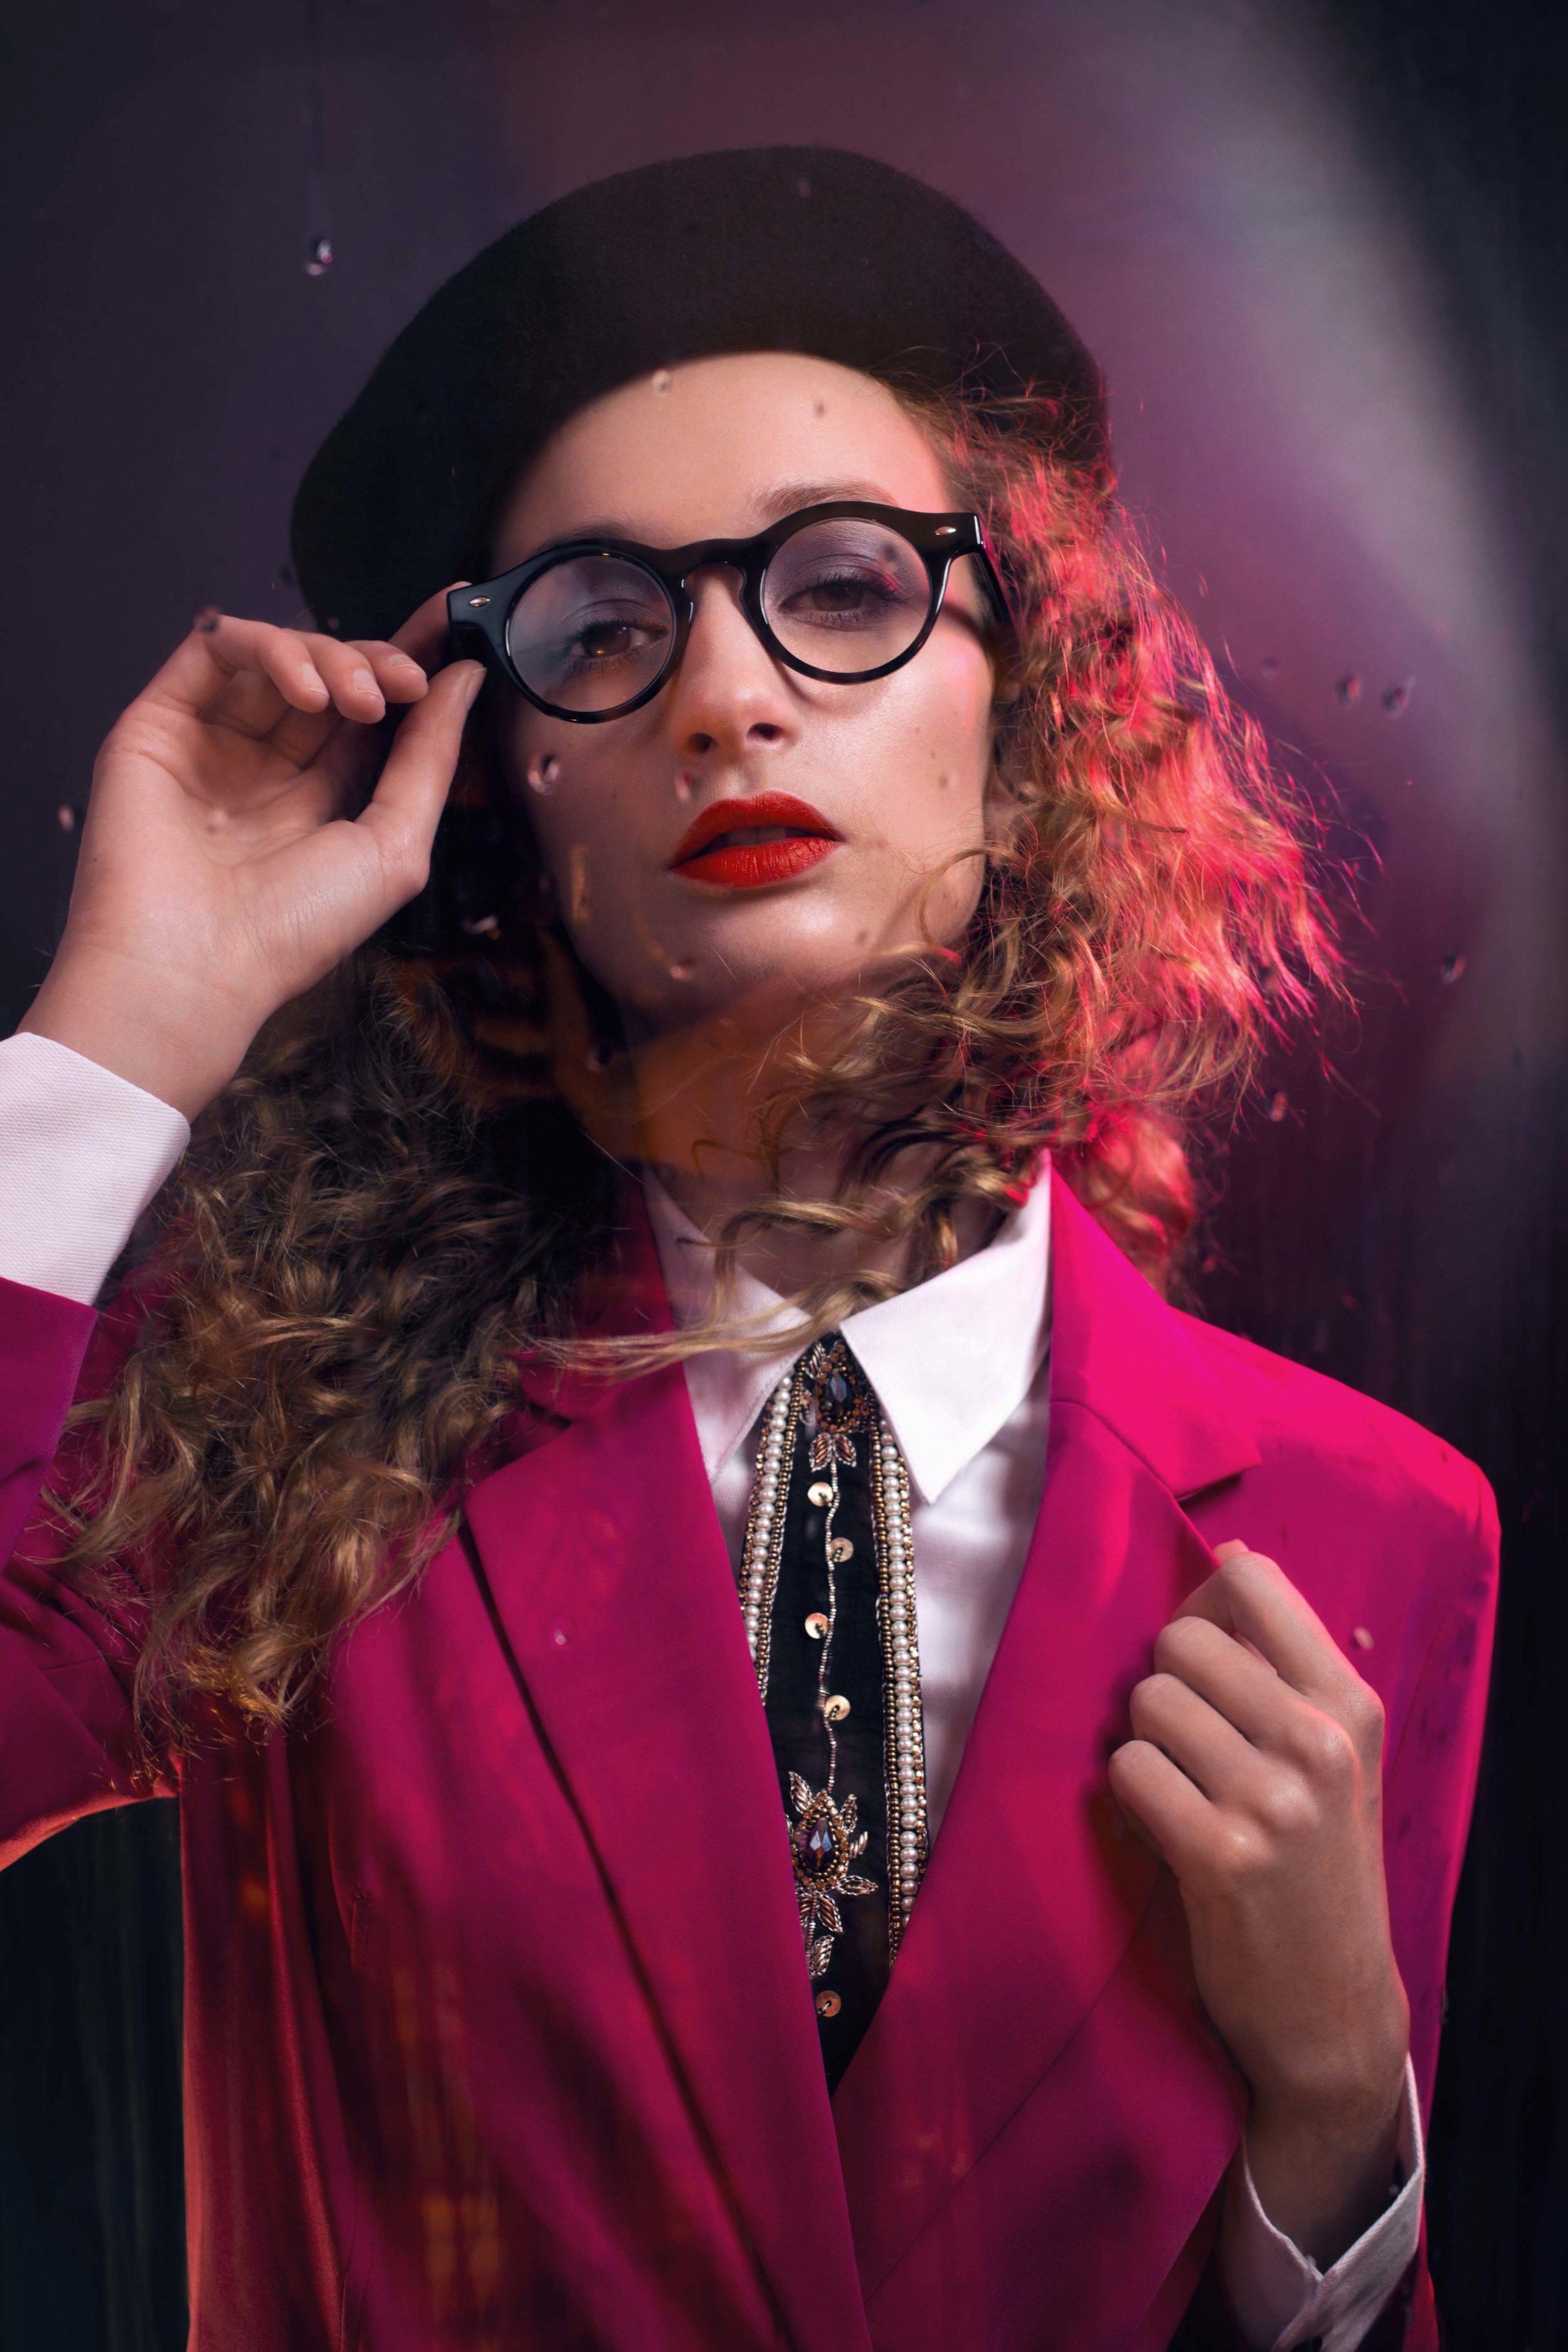 Necktie:Bibisab Luxury Neckwear